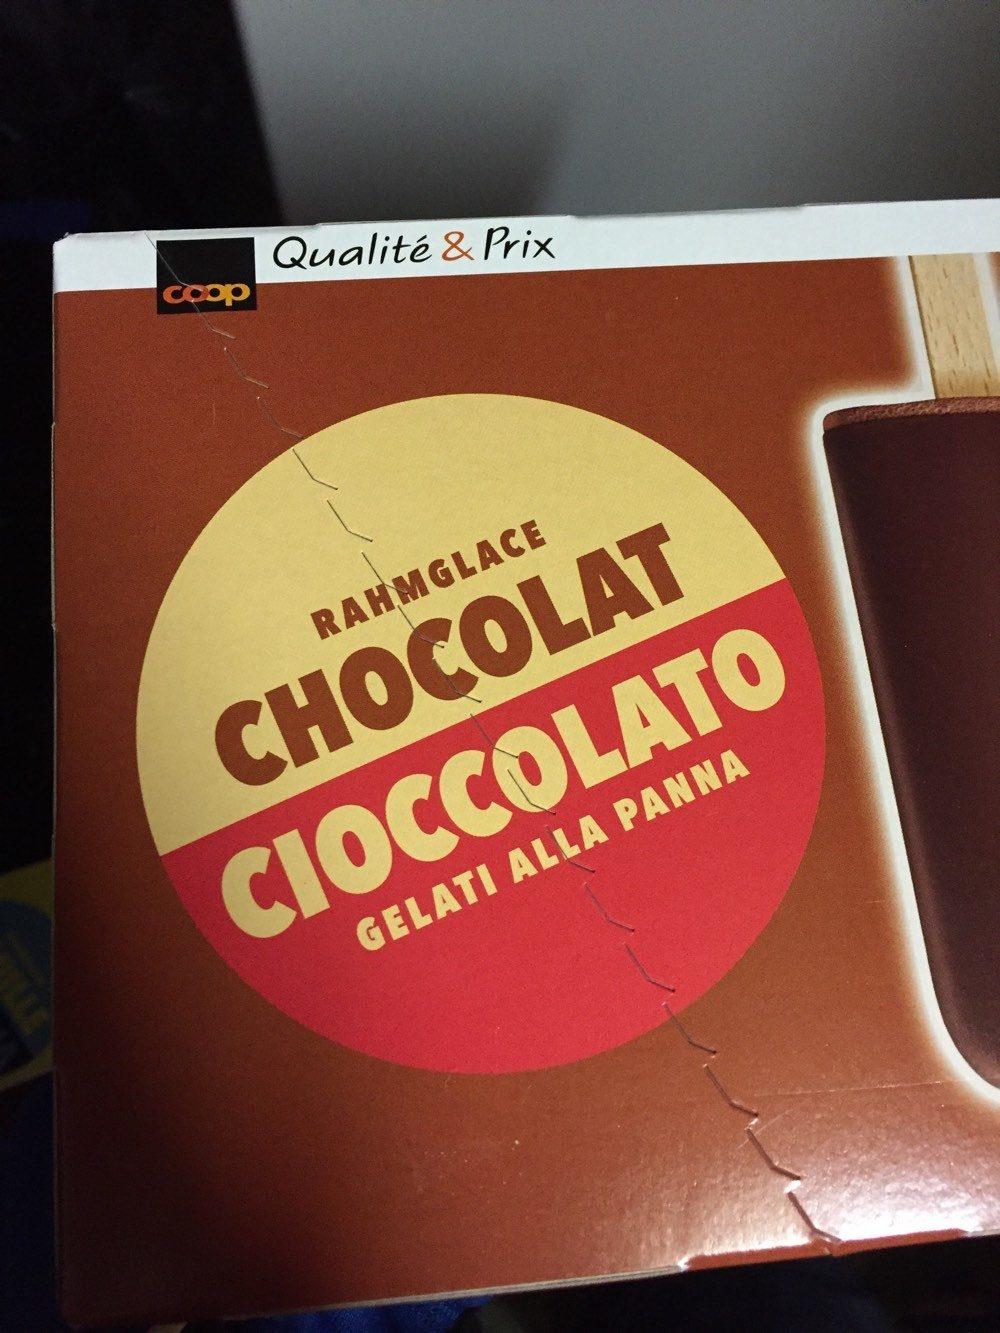 Rahmglace chocolat - Prodotto - en